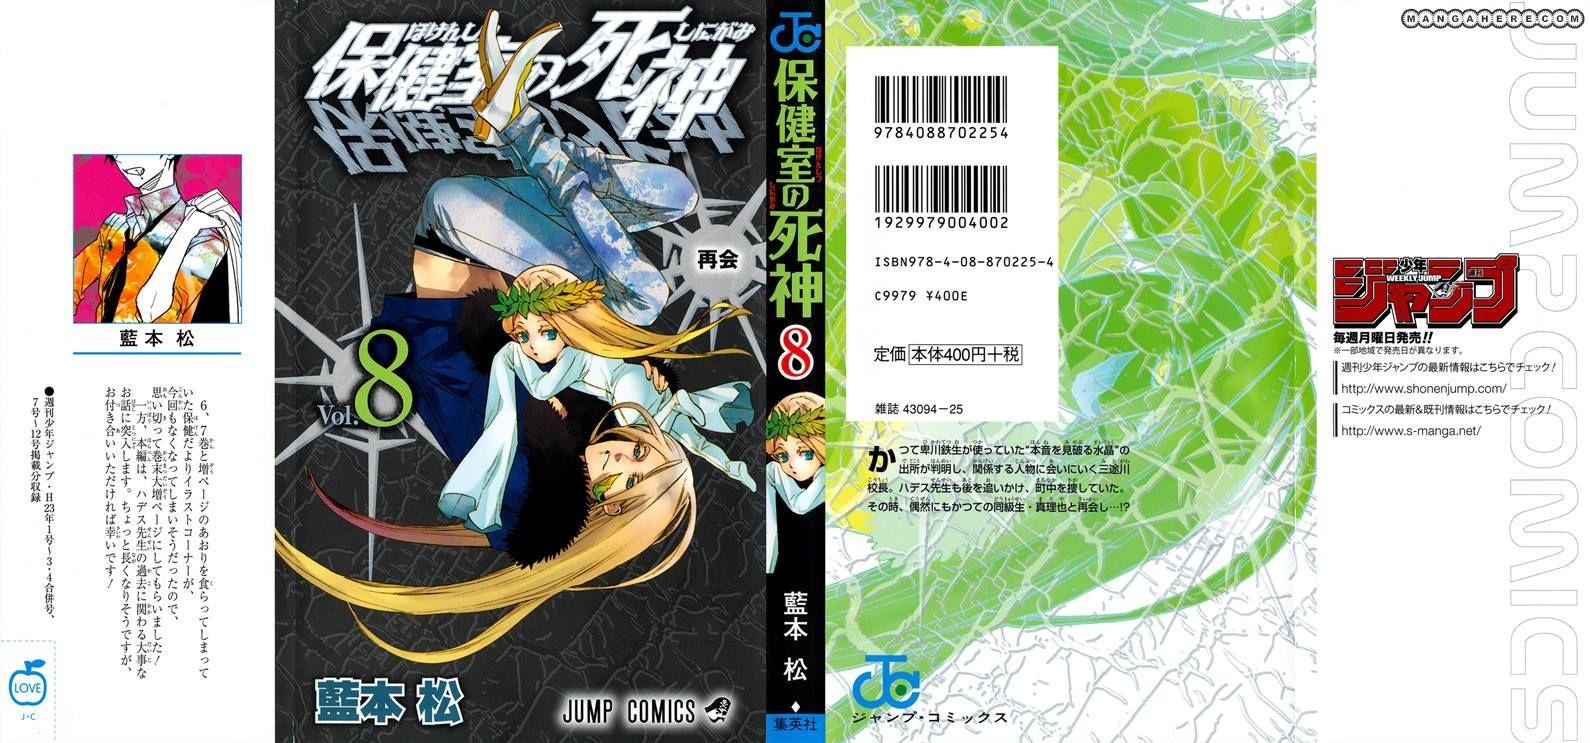 Hokenshitsu no Shinigami 62 Page 2